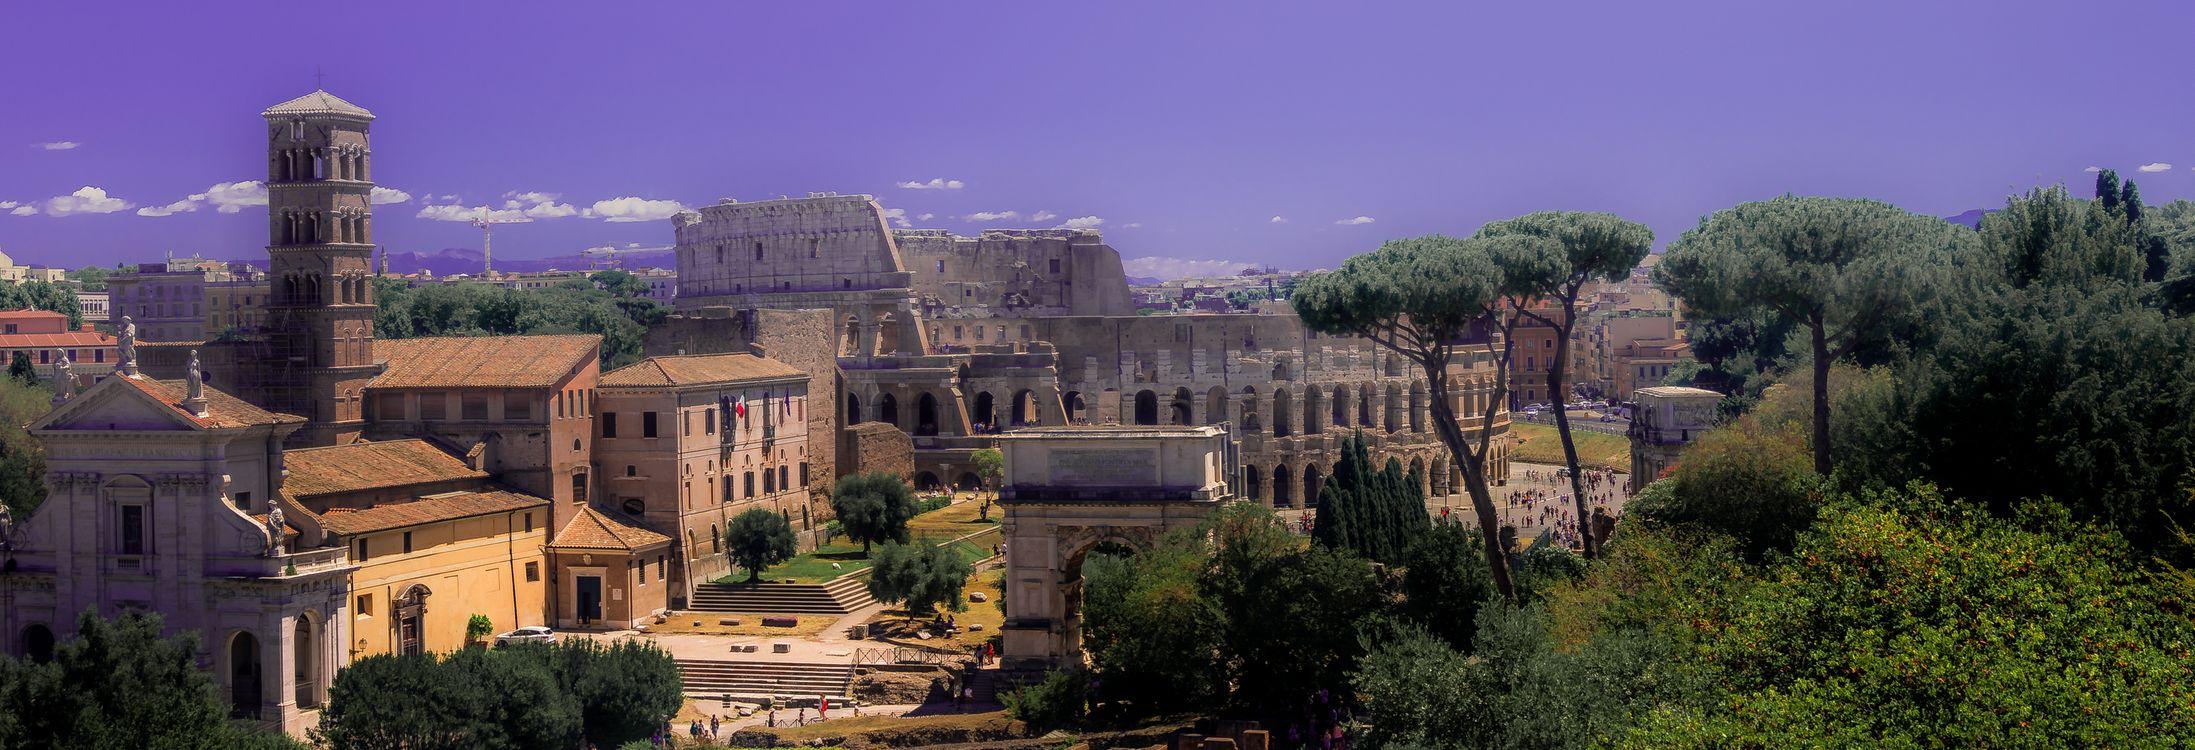 Фото бесплатно Колизей, форум, Рим - на рабочий стол